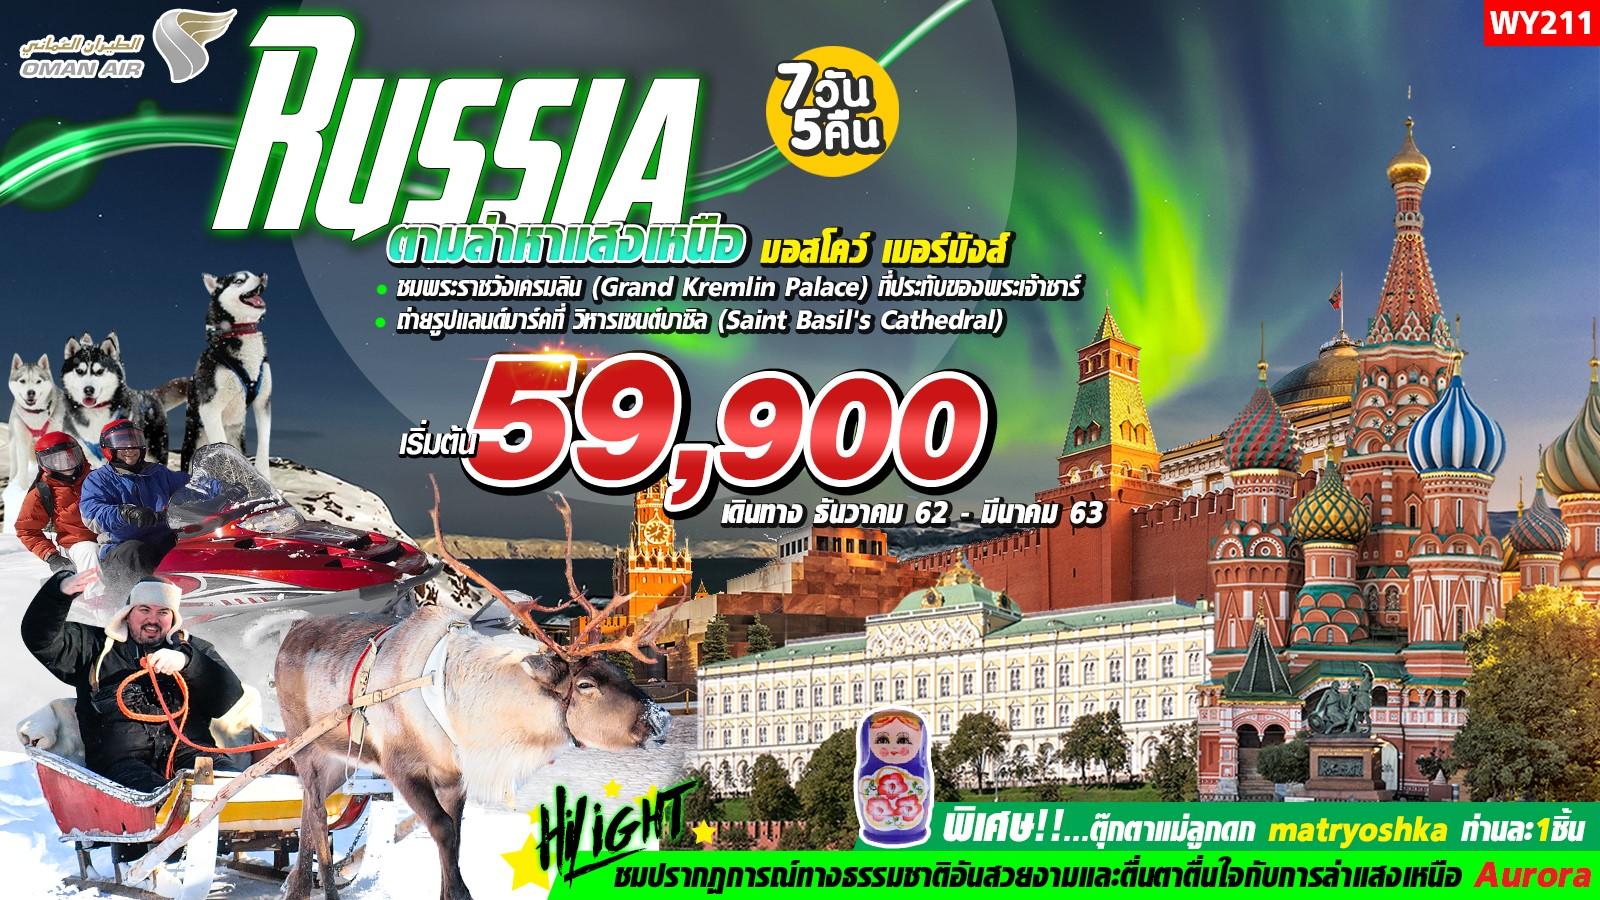 ทัวร์รัสเซีย WY211 RUSSIA ตามล่าหาแสงเหนือ มอสโคว์ เมอร์มังส์ 7วัน5คืน